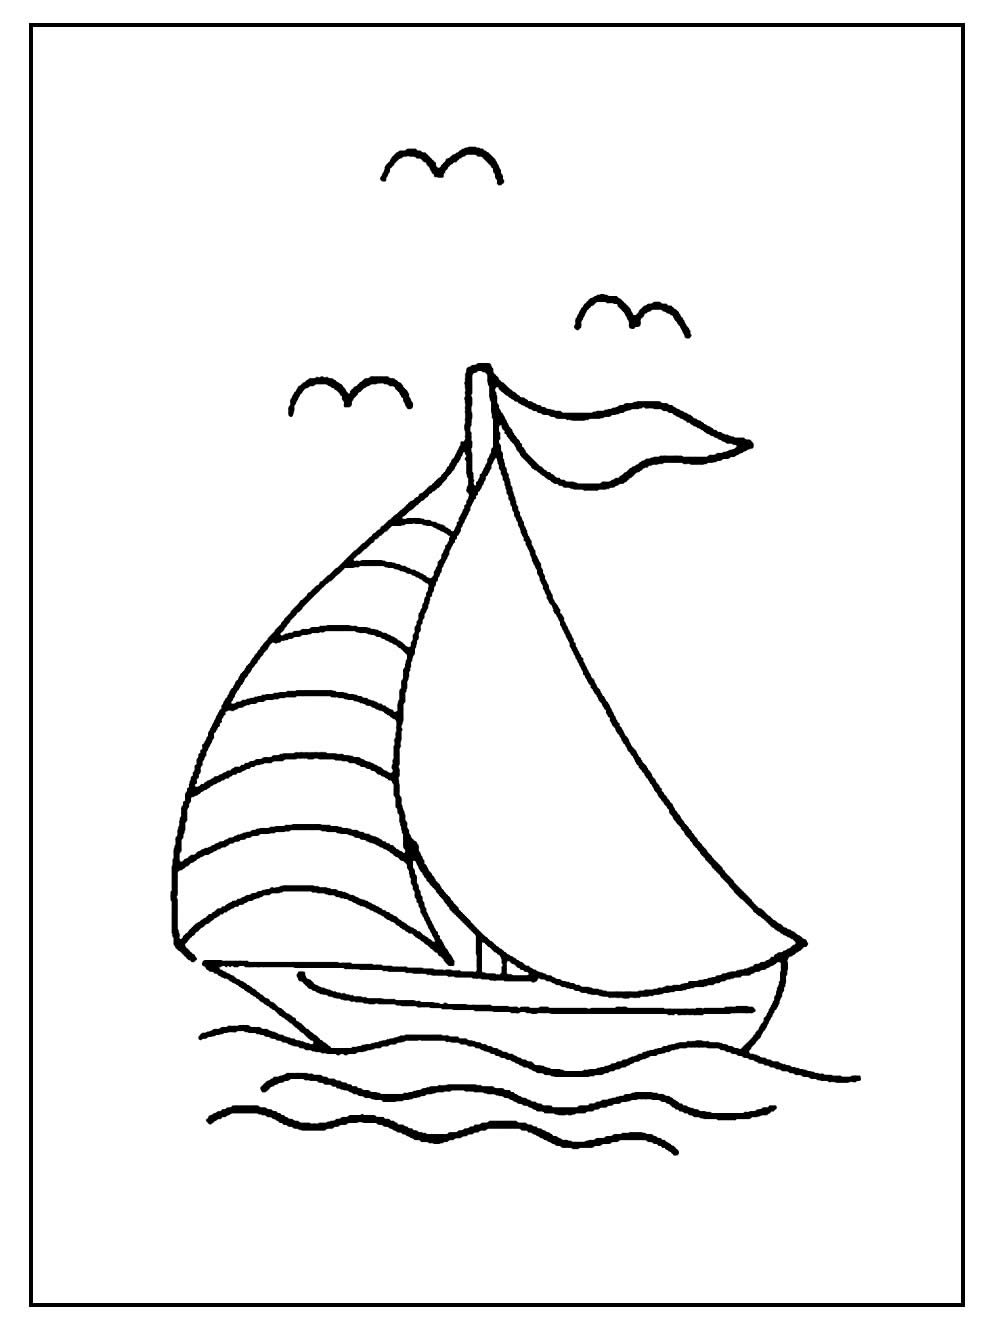 Desenho de Barquinho para colorir